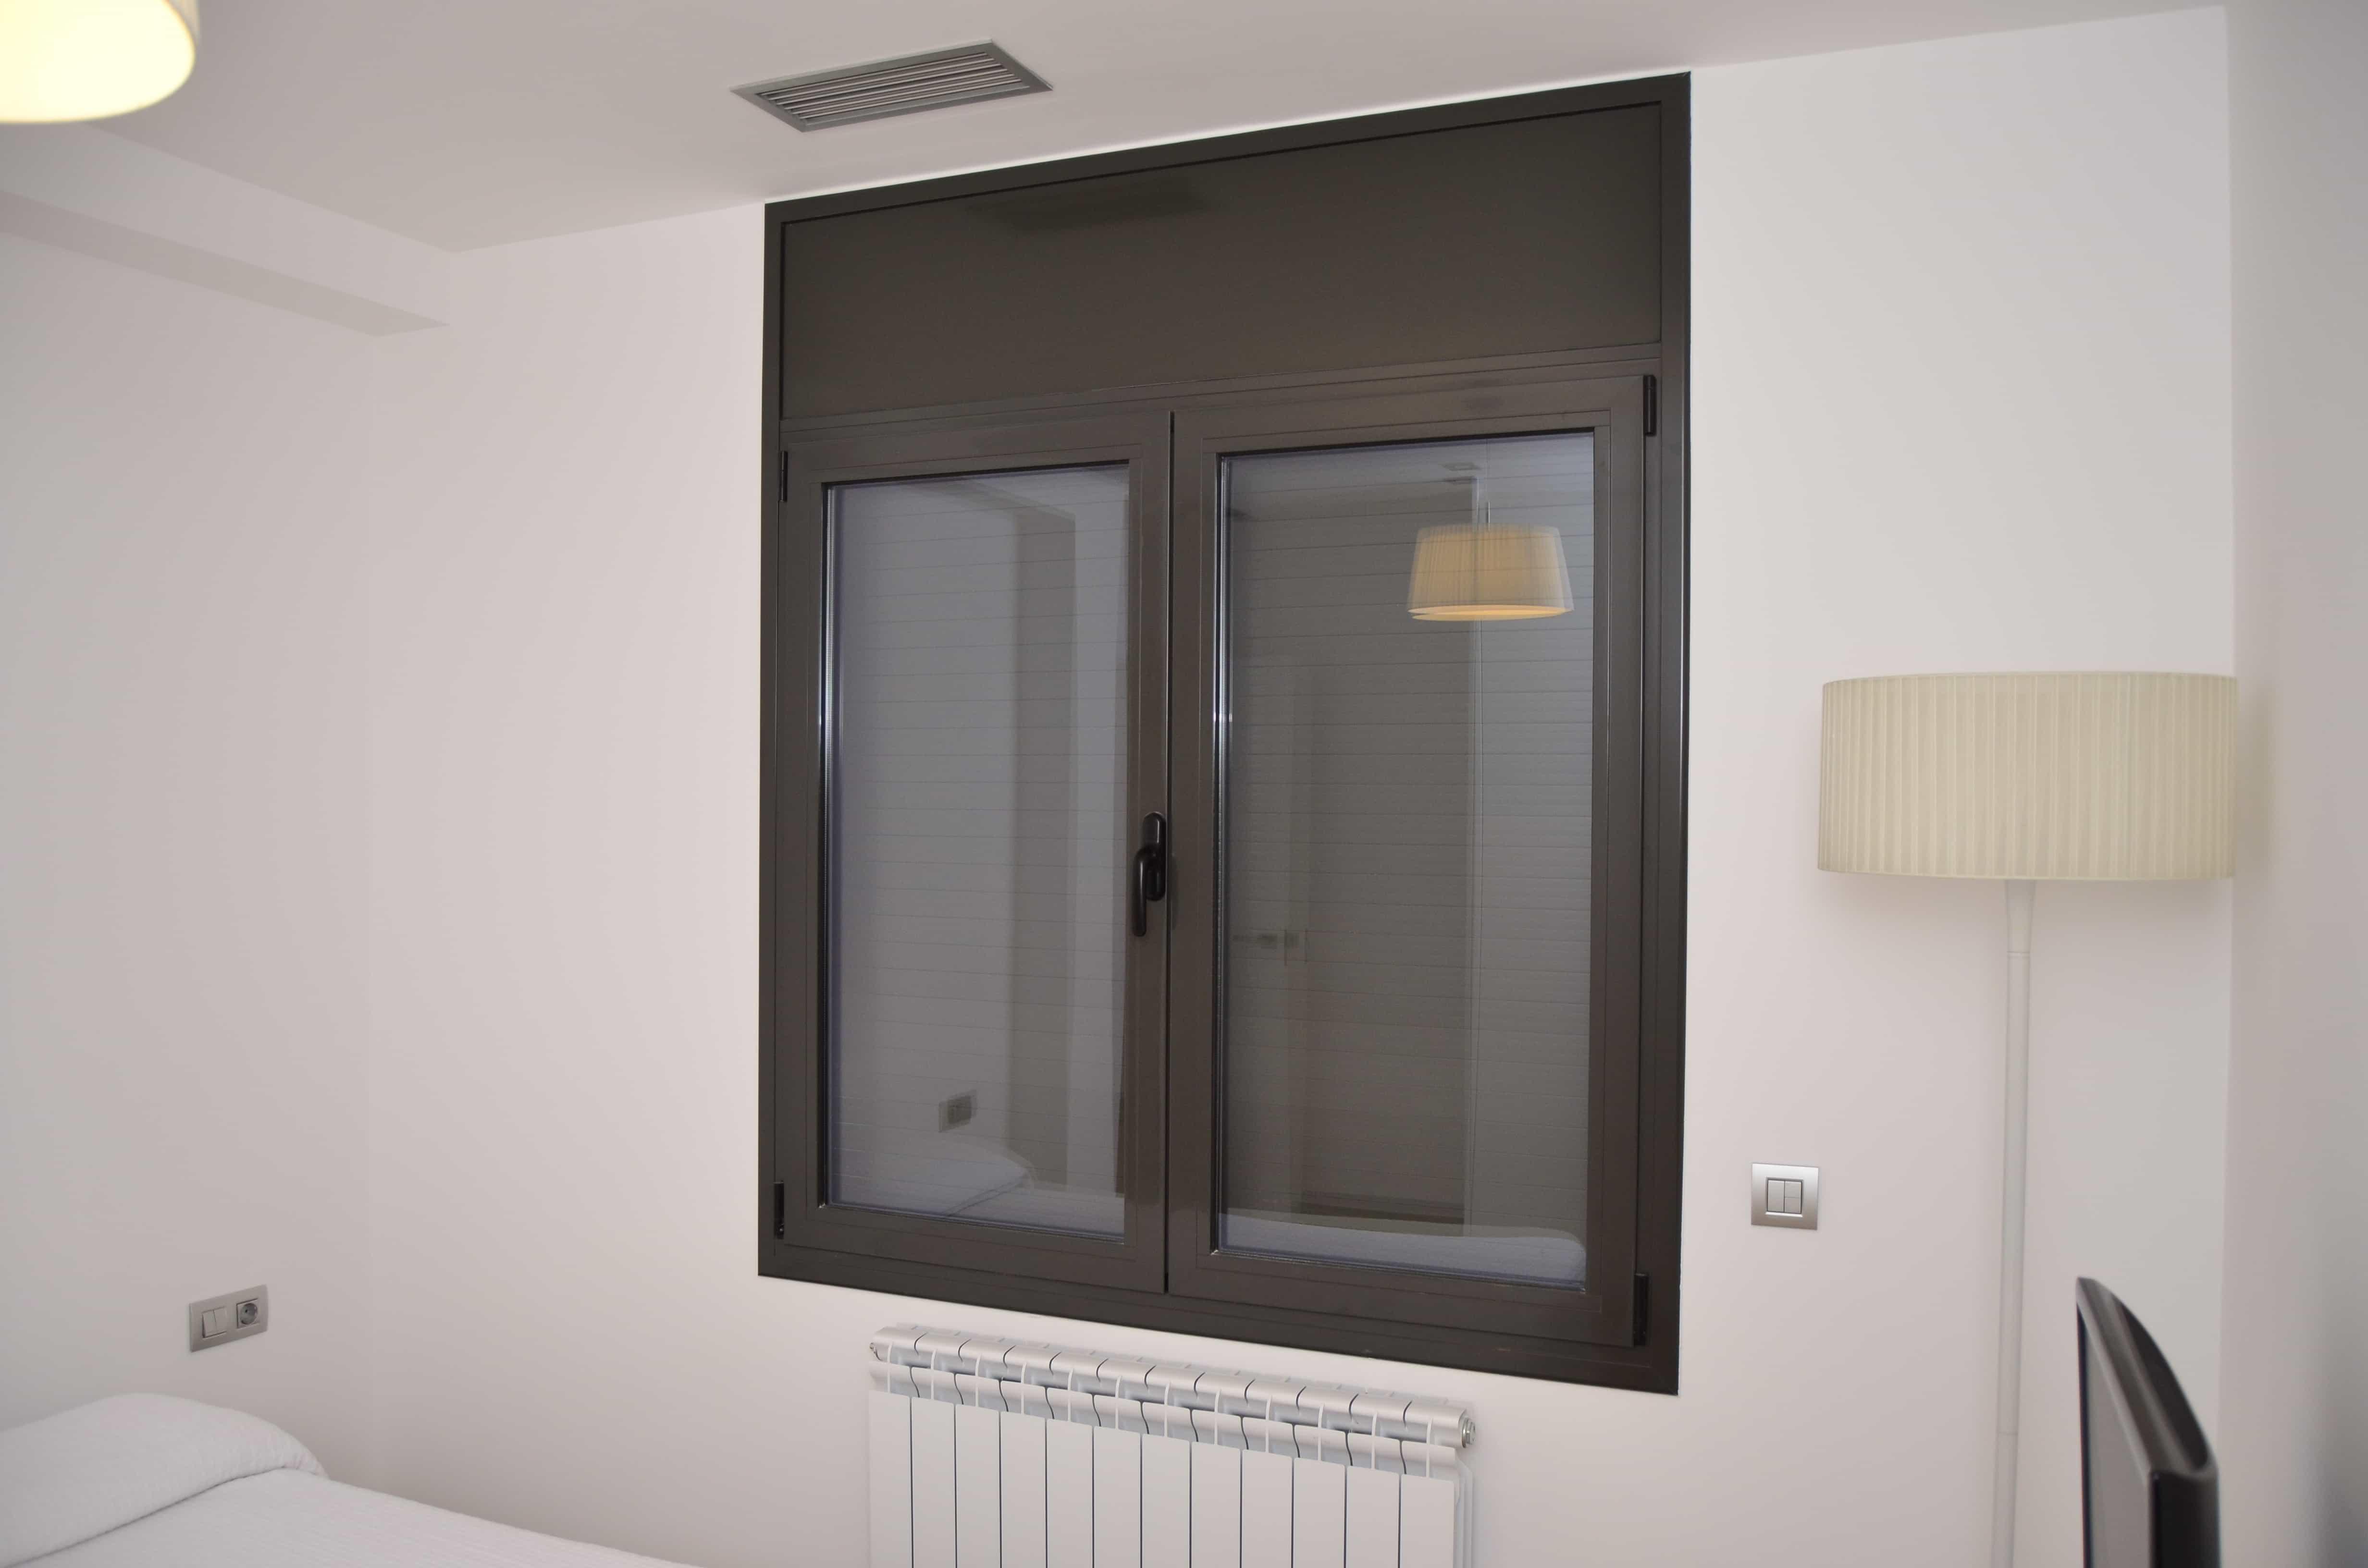 Detalle ventana Josep Tarradellas